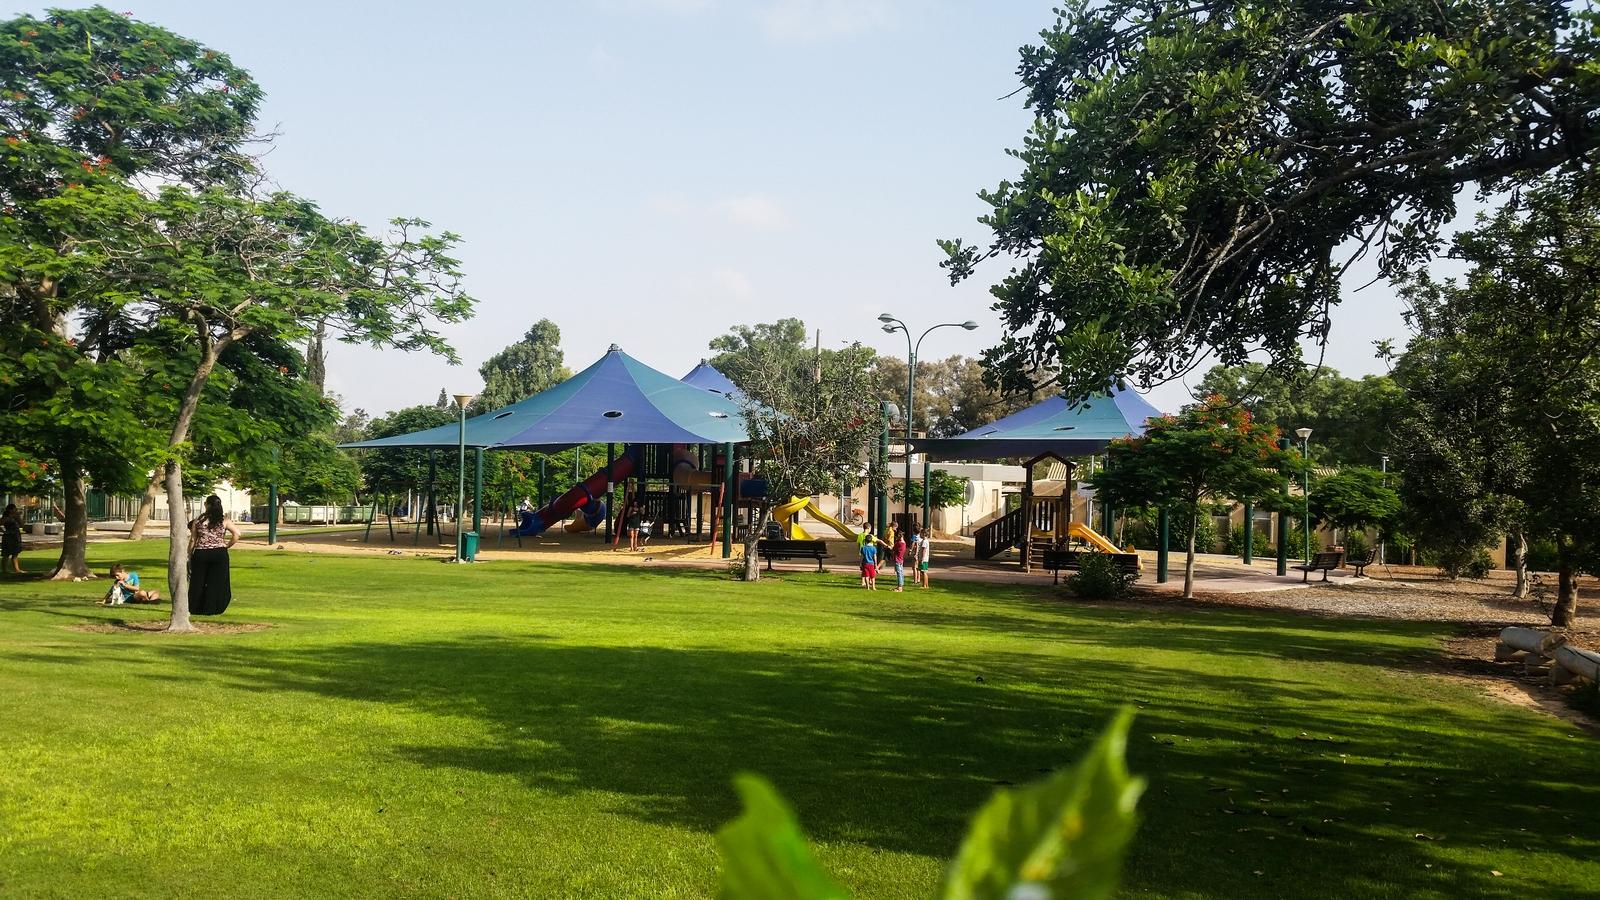 Самая большая детская площадка в центре кибуца Ревивим